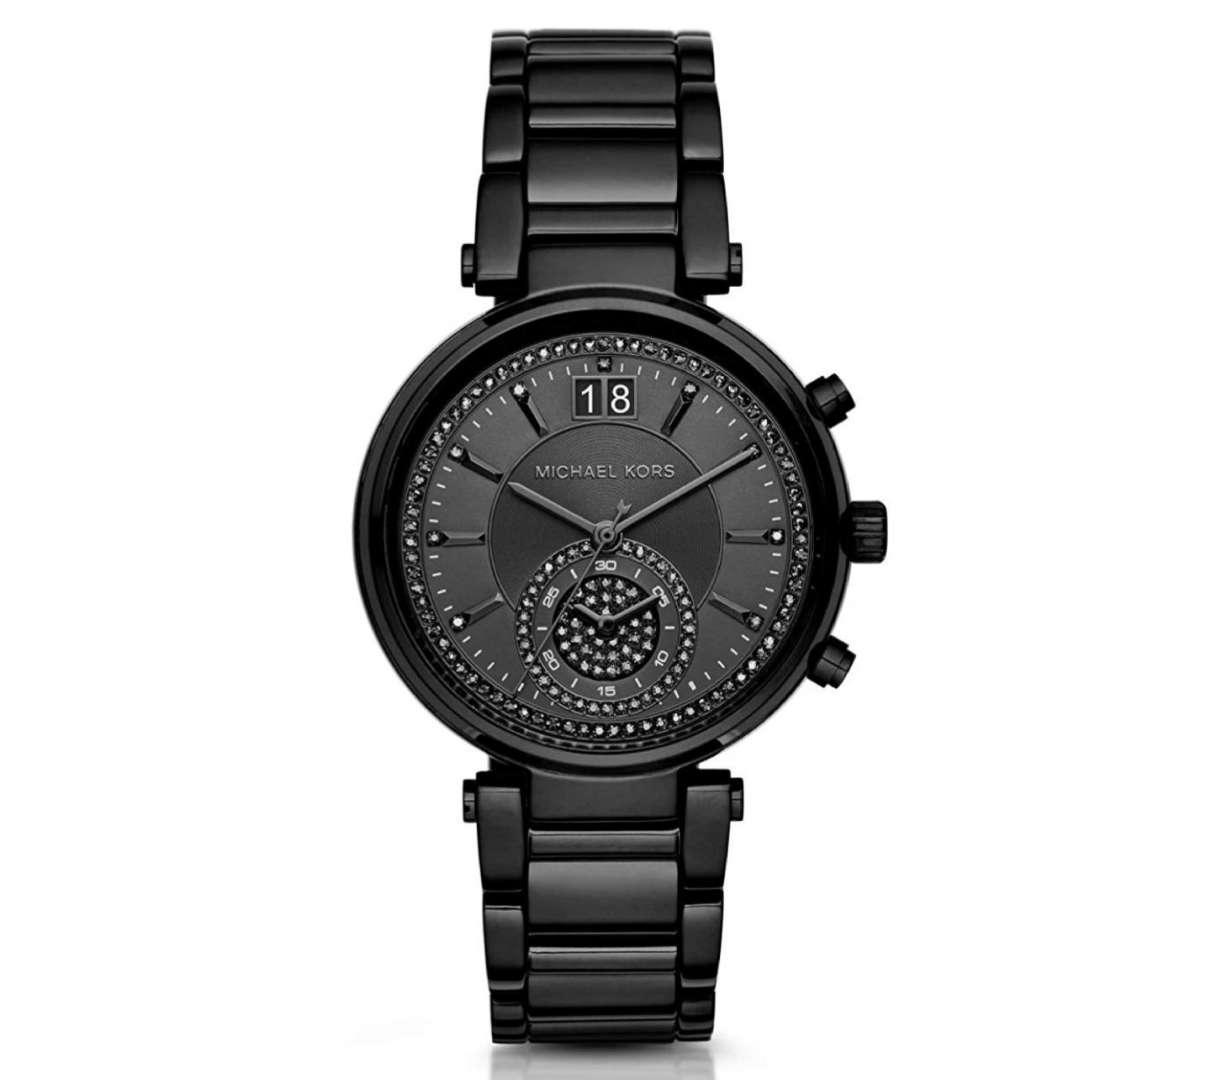 שעון יד אנלוגי לאישה michael kors mk6297 מייקל קורס